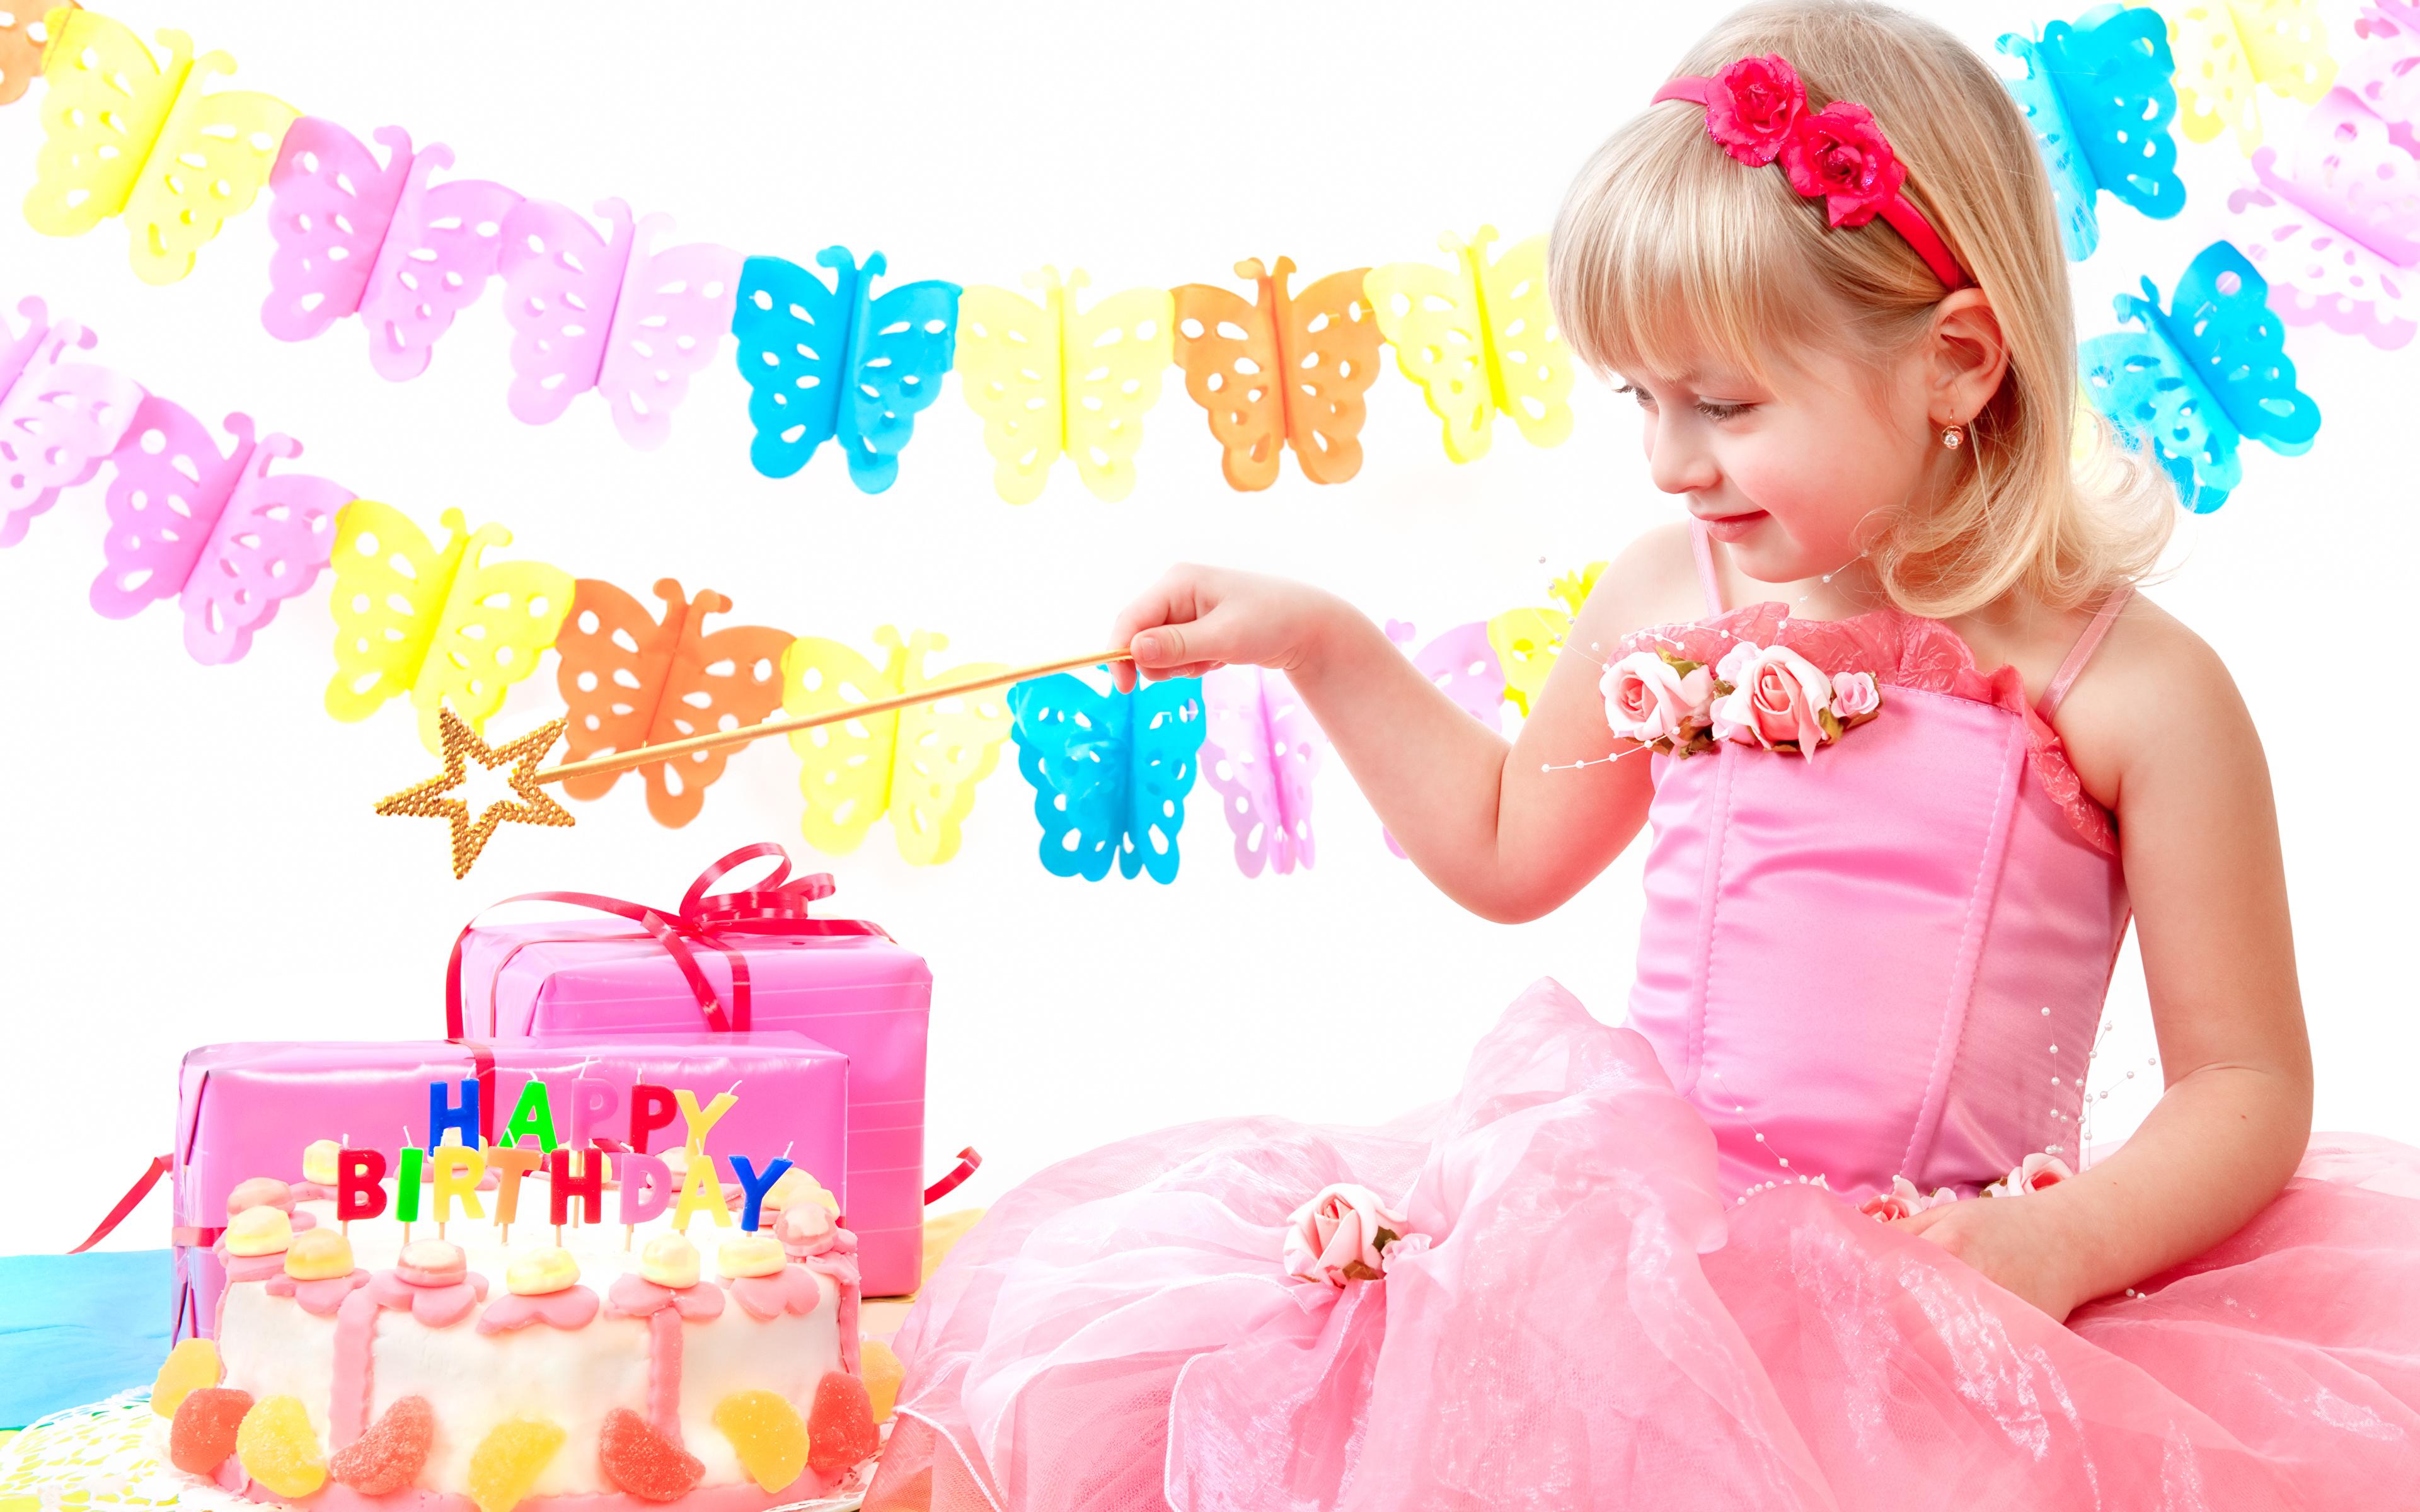 Конкурсы на день рождения для маленьких детей от 1 года